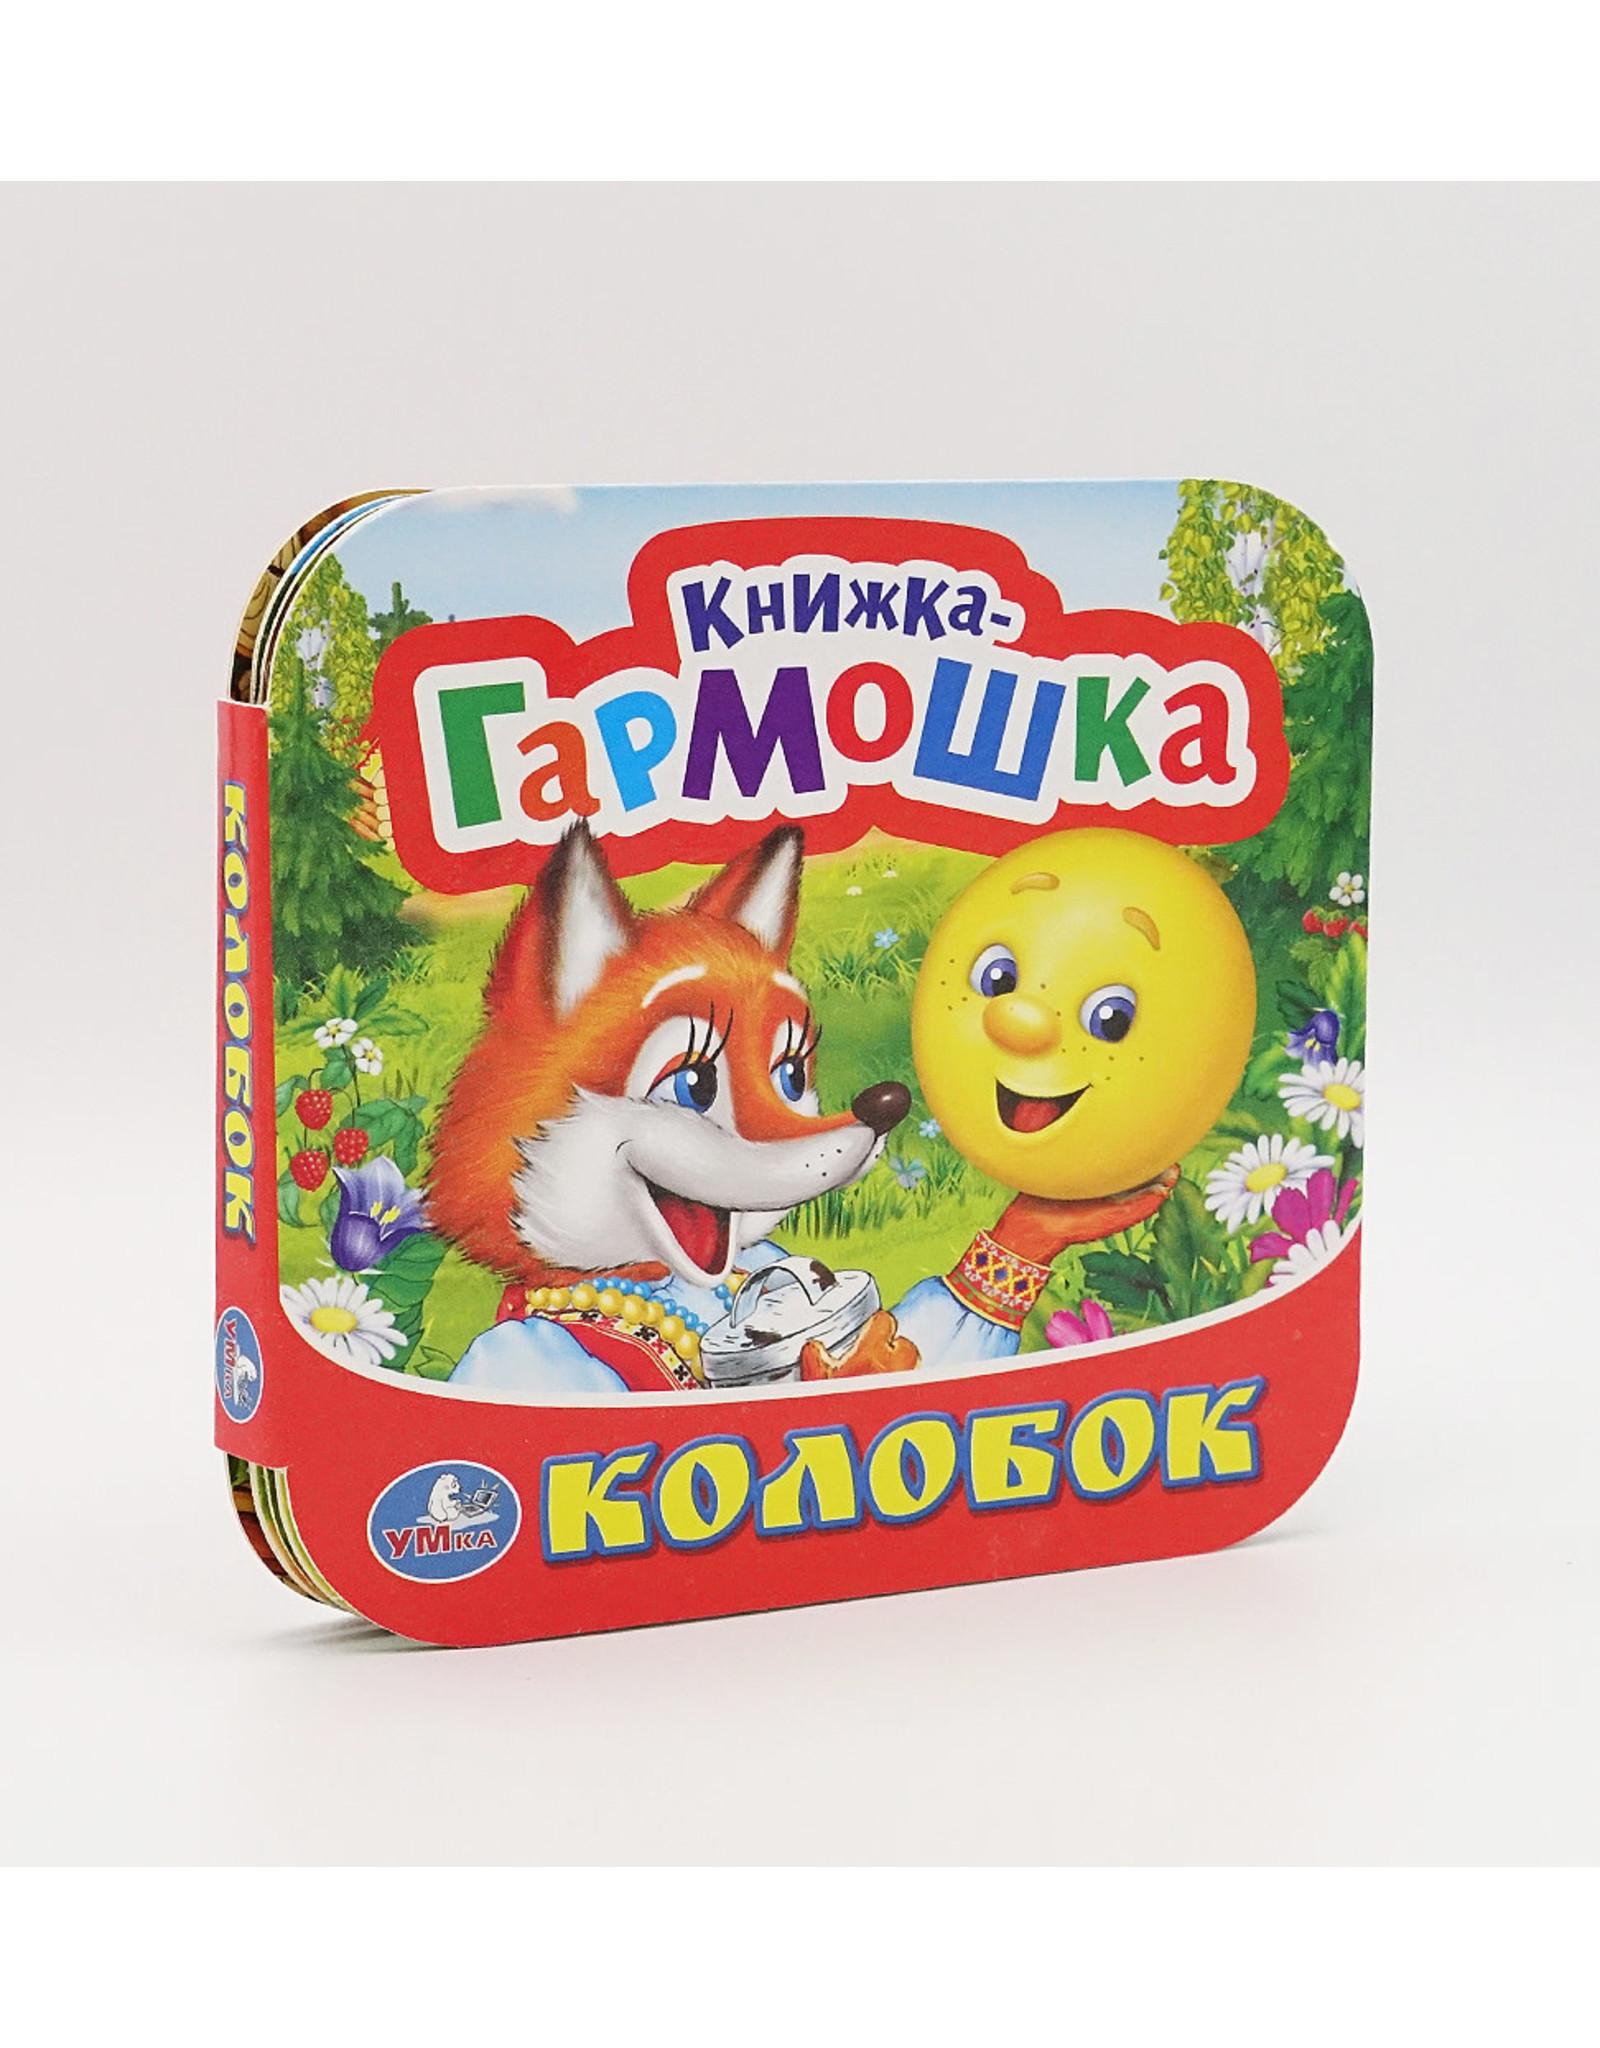 Книжка-Гармошка, Колобок